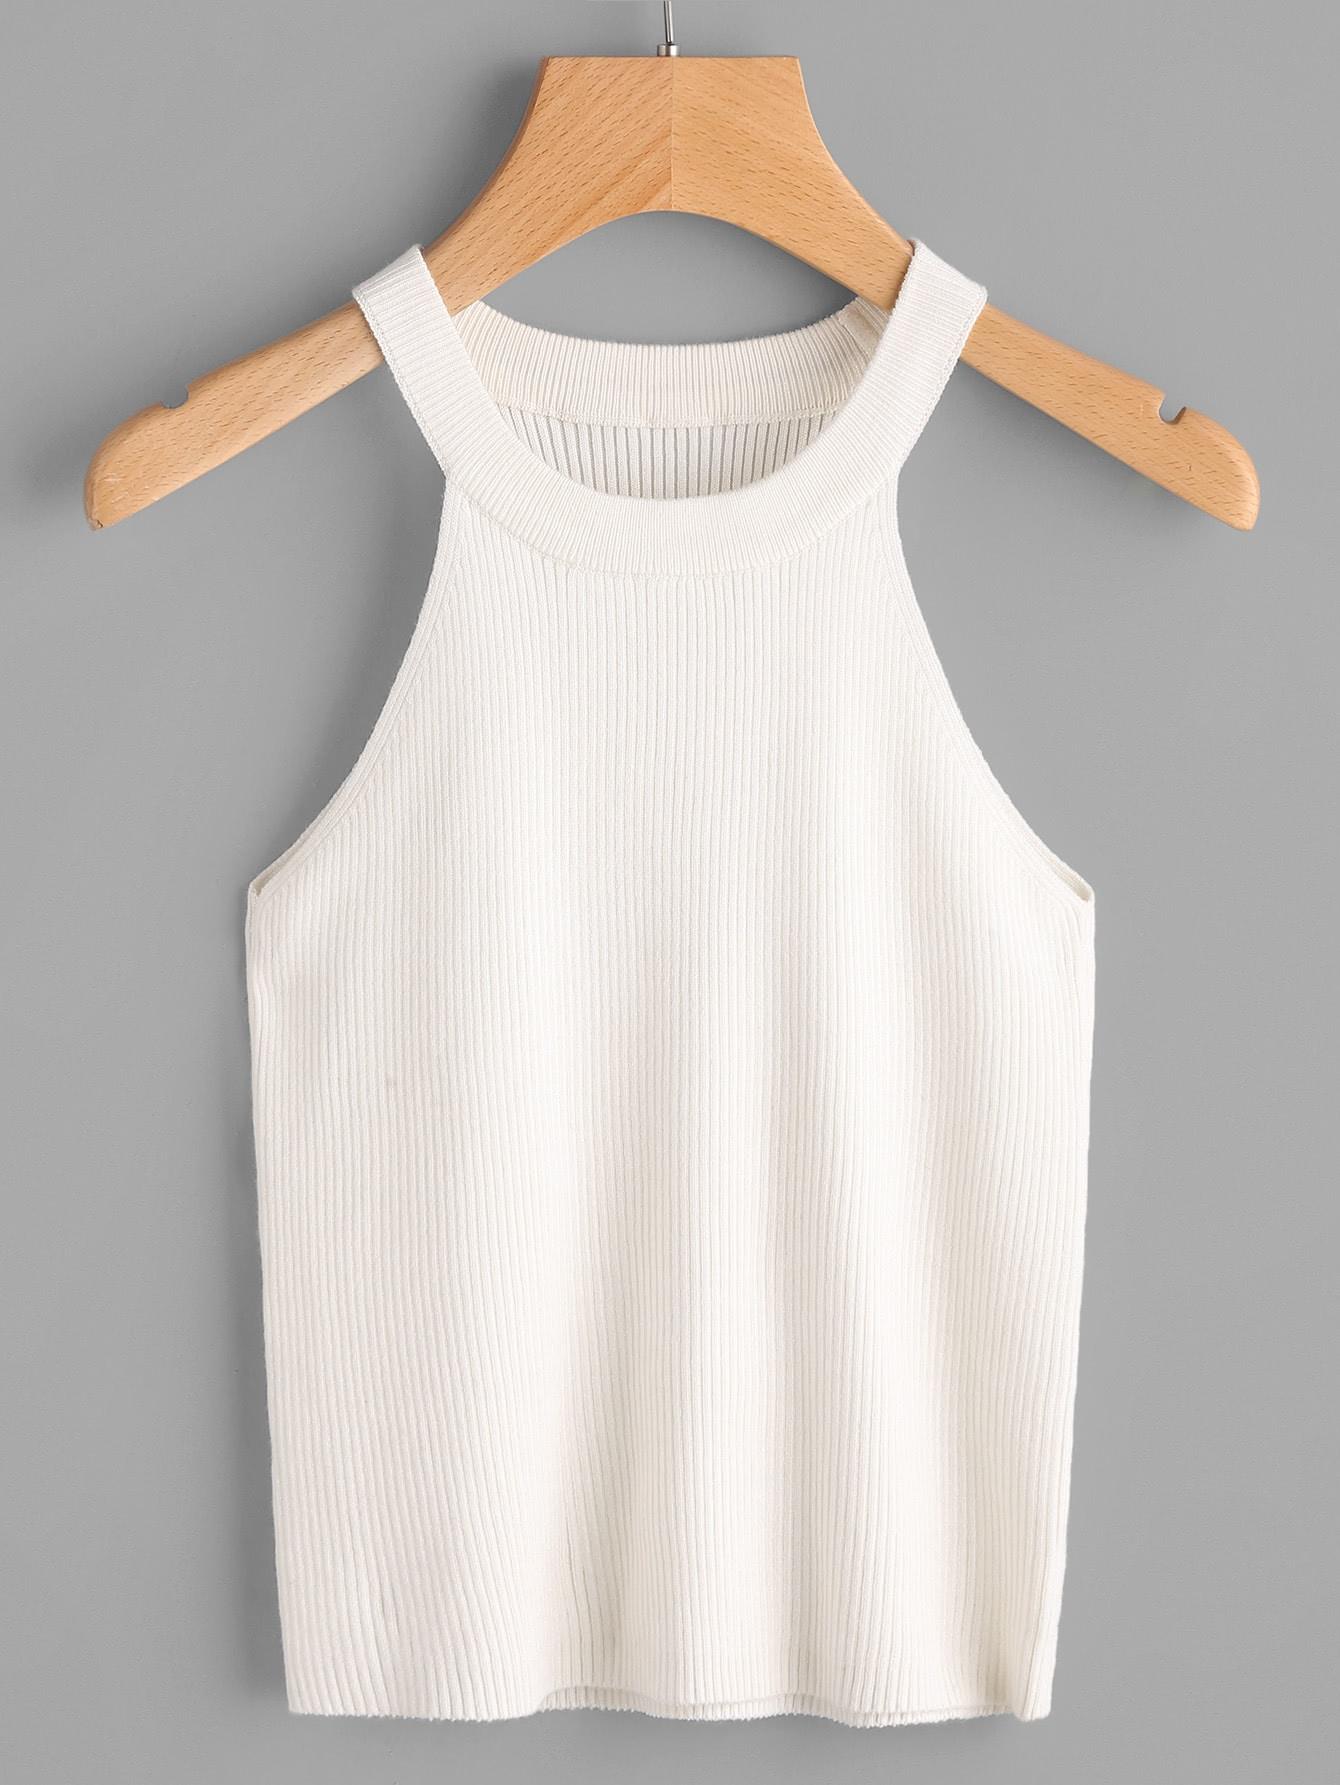 Rib Knit Halter Top vest170425451